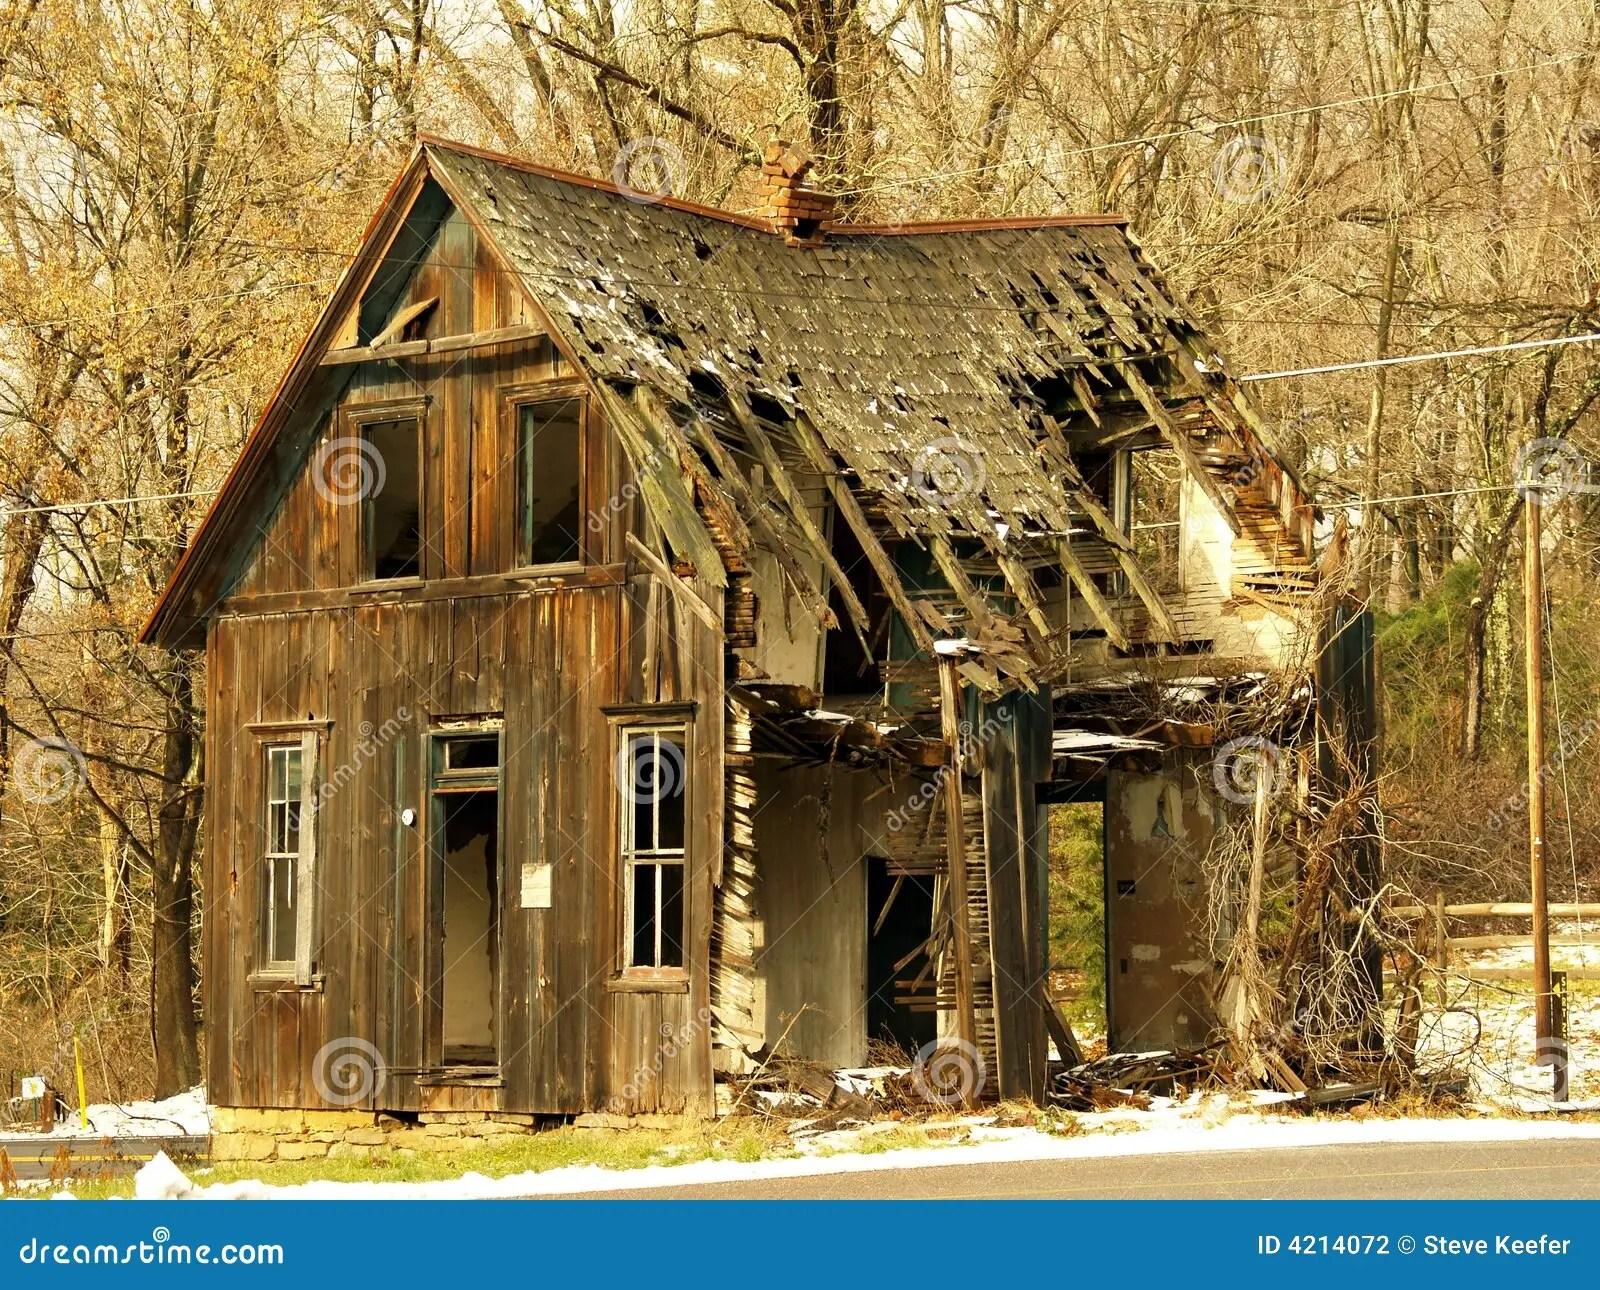 Old Abandoned Shack Stock Photo Image Of Shingle Roof